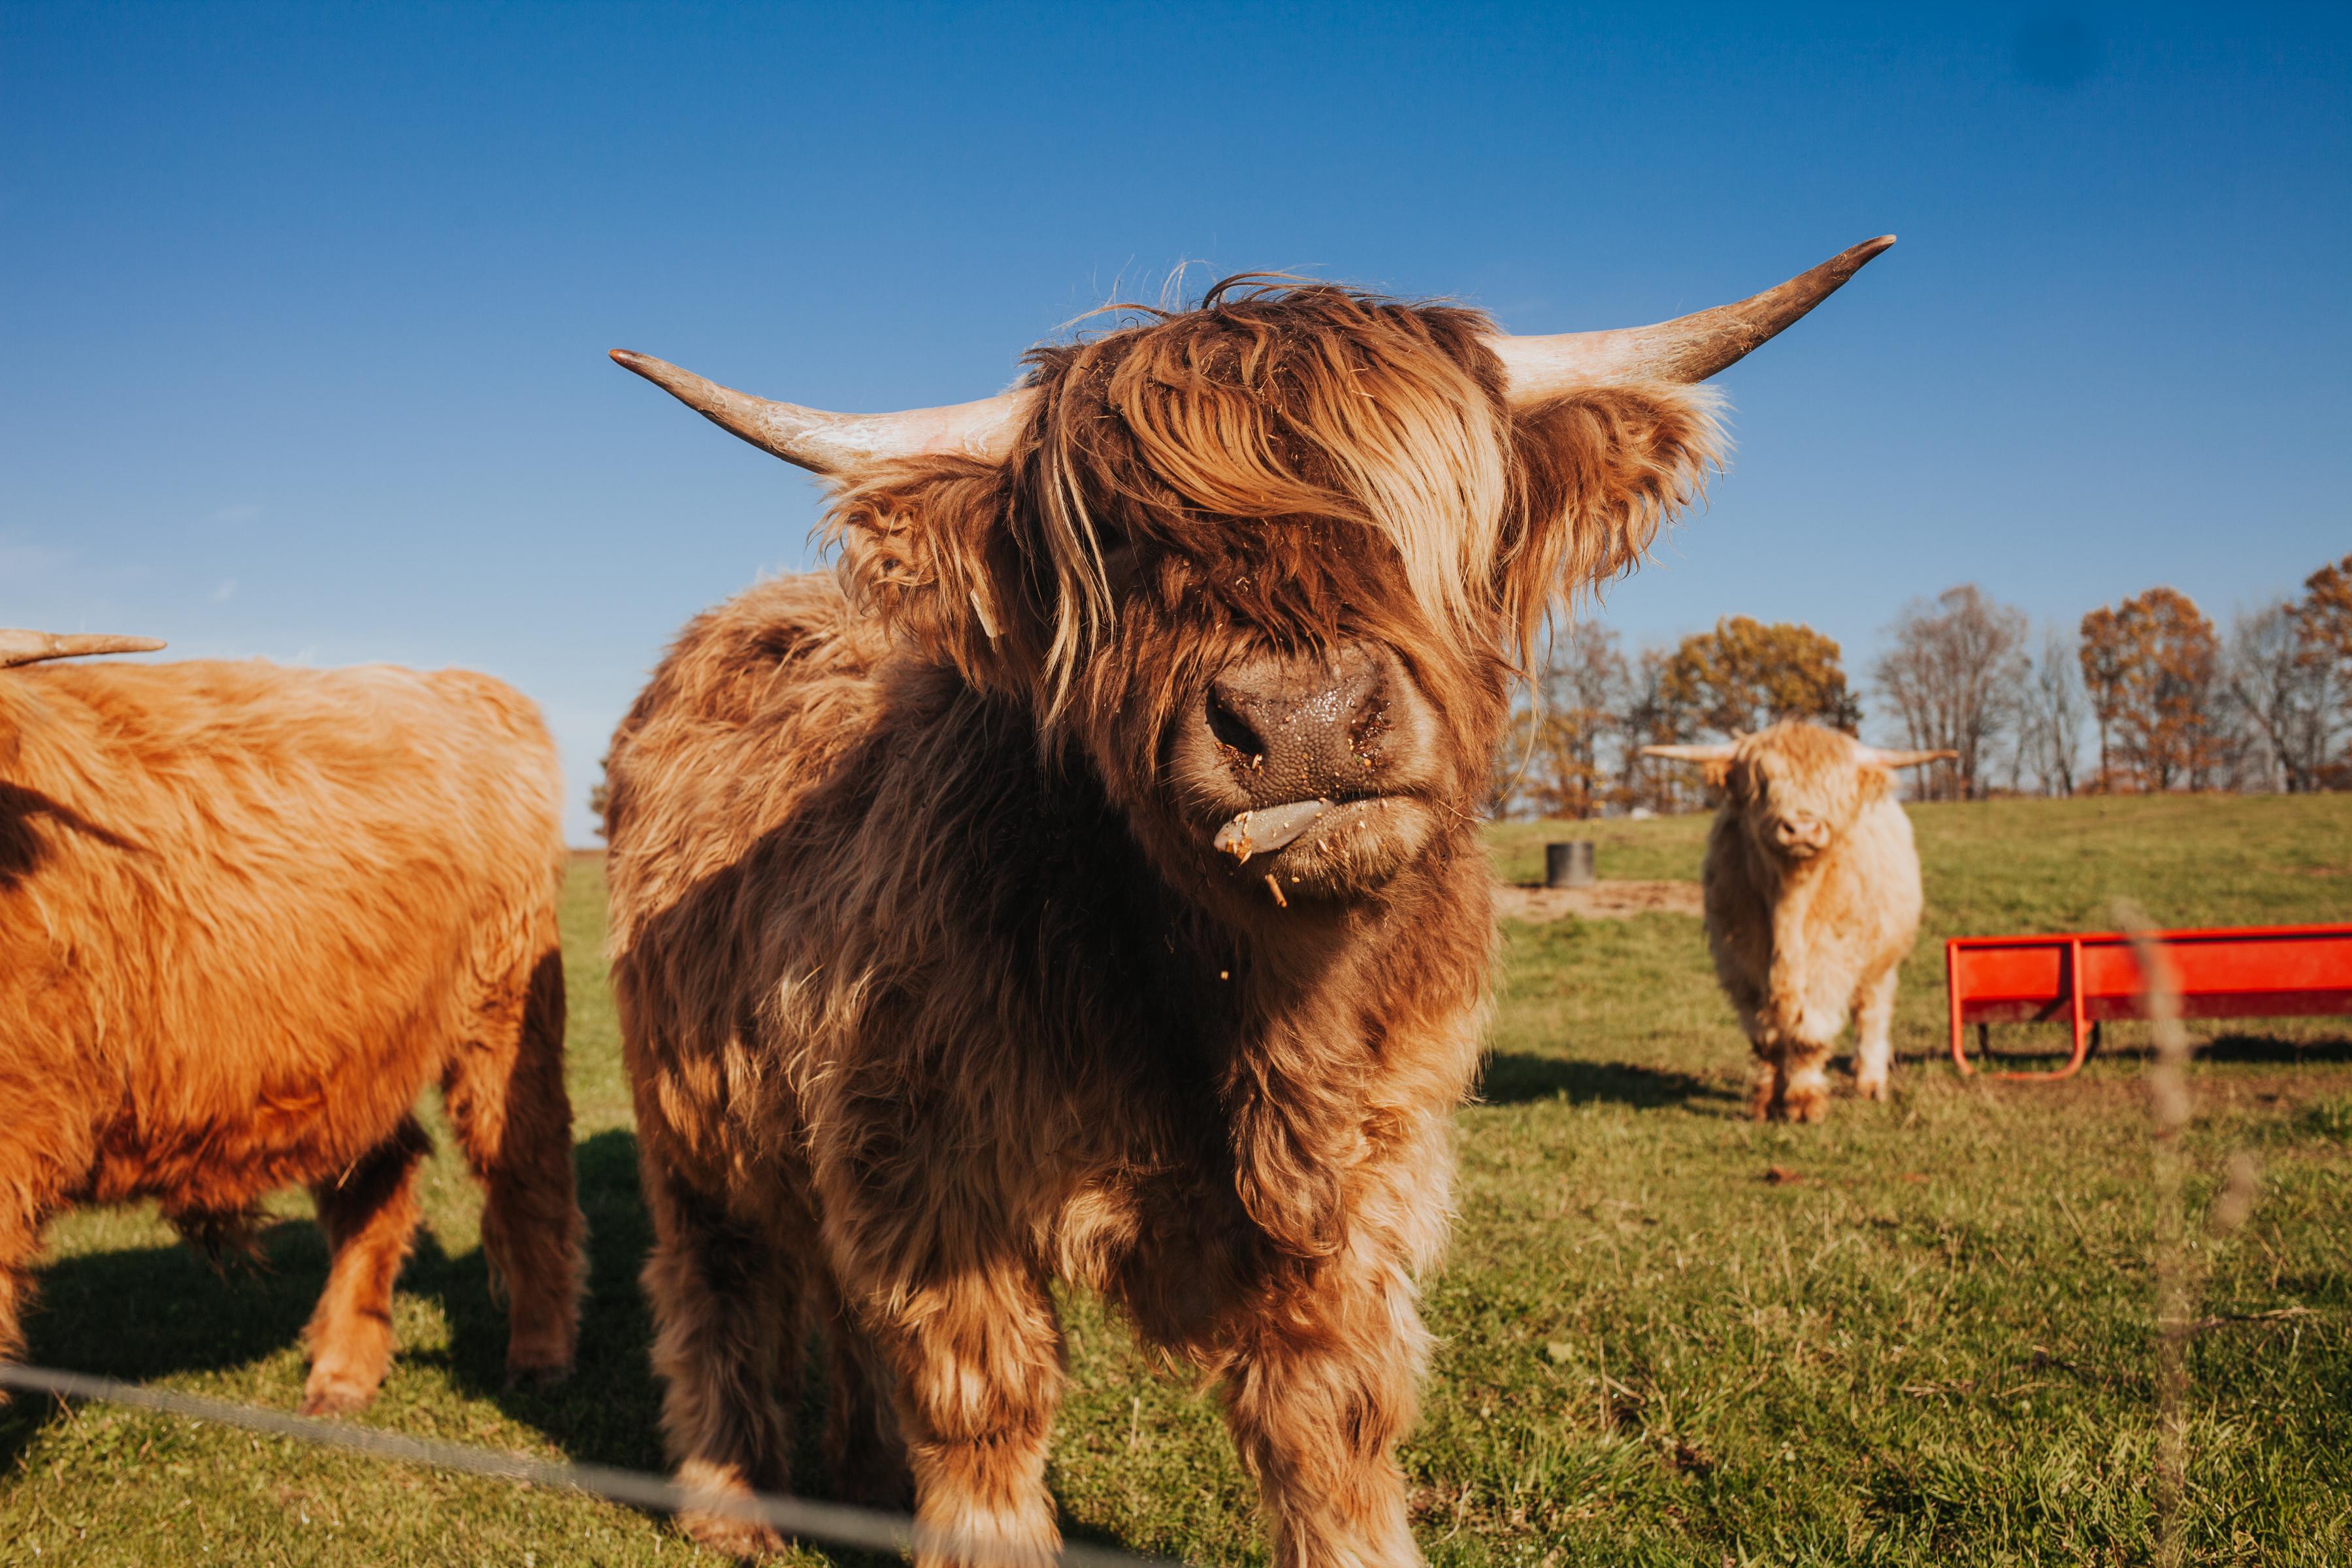 Beautifully Treated Animals